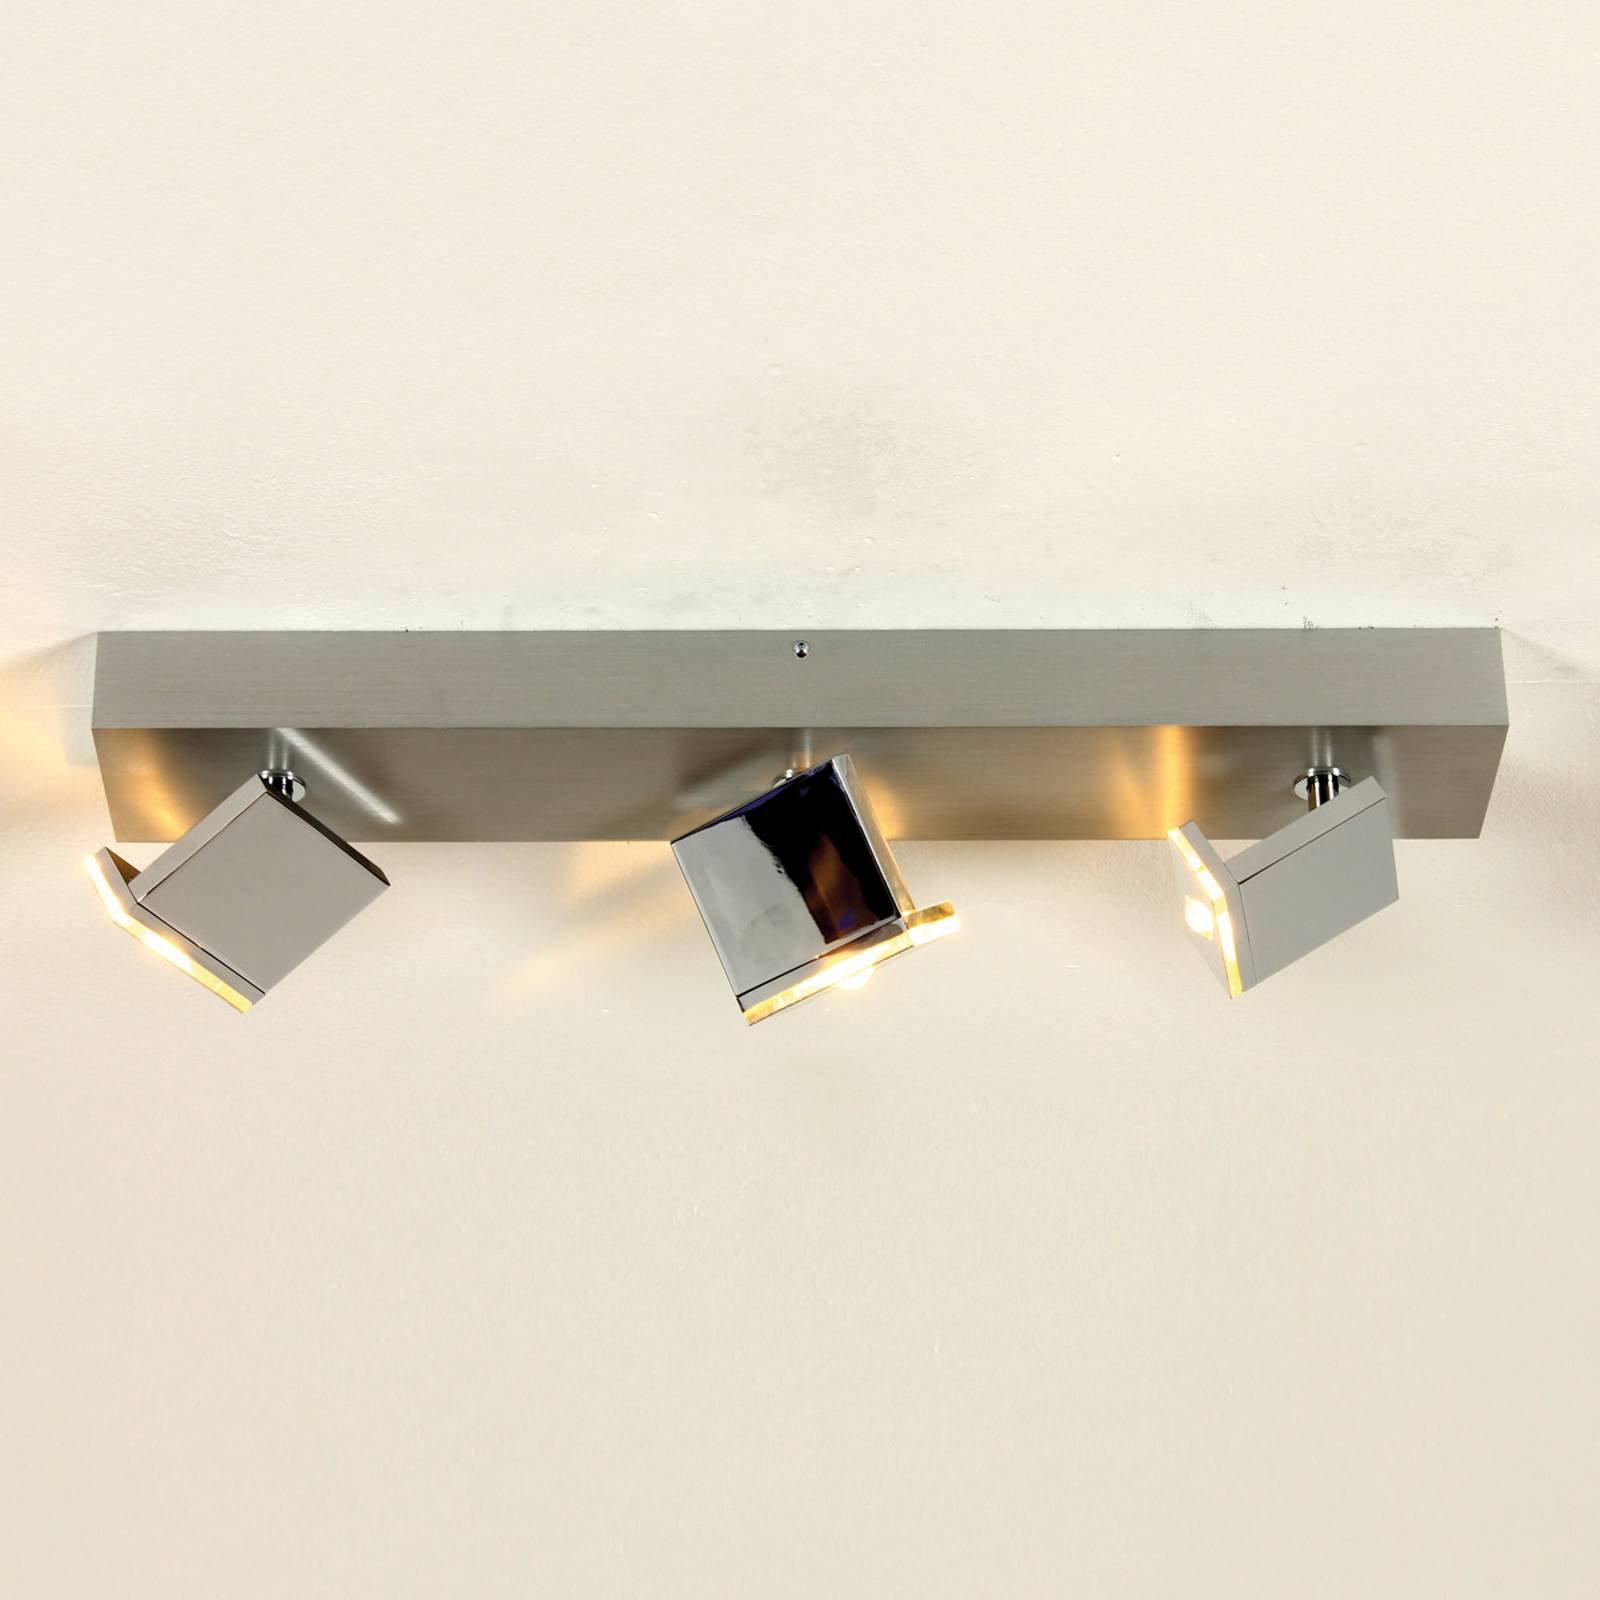 LED-taklampe Elle med tre lys, dimbar